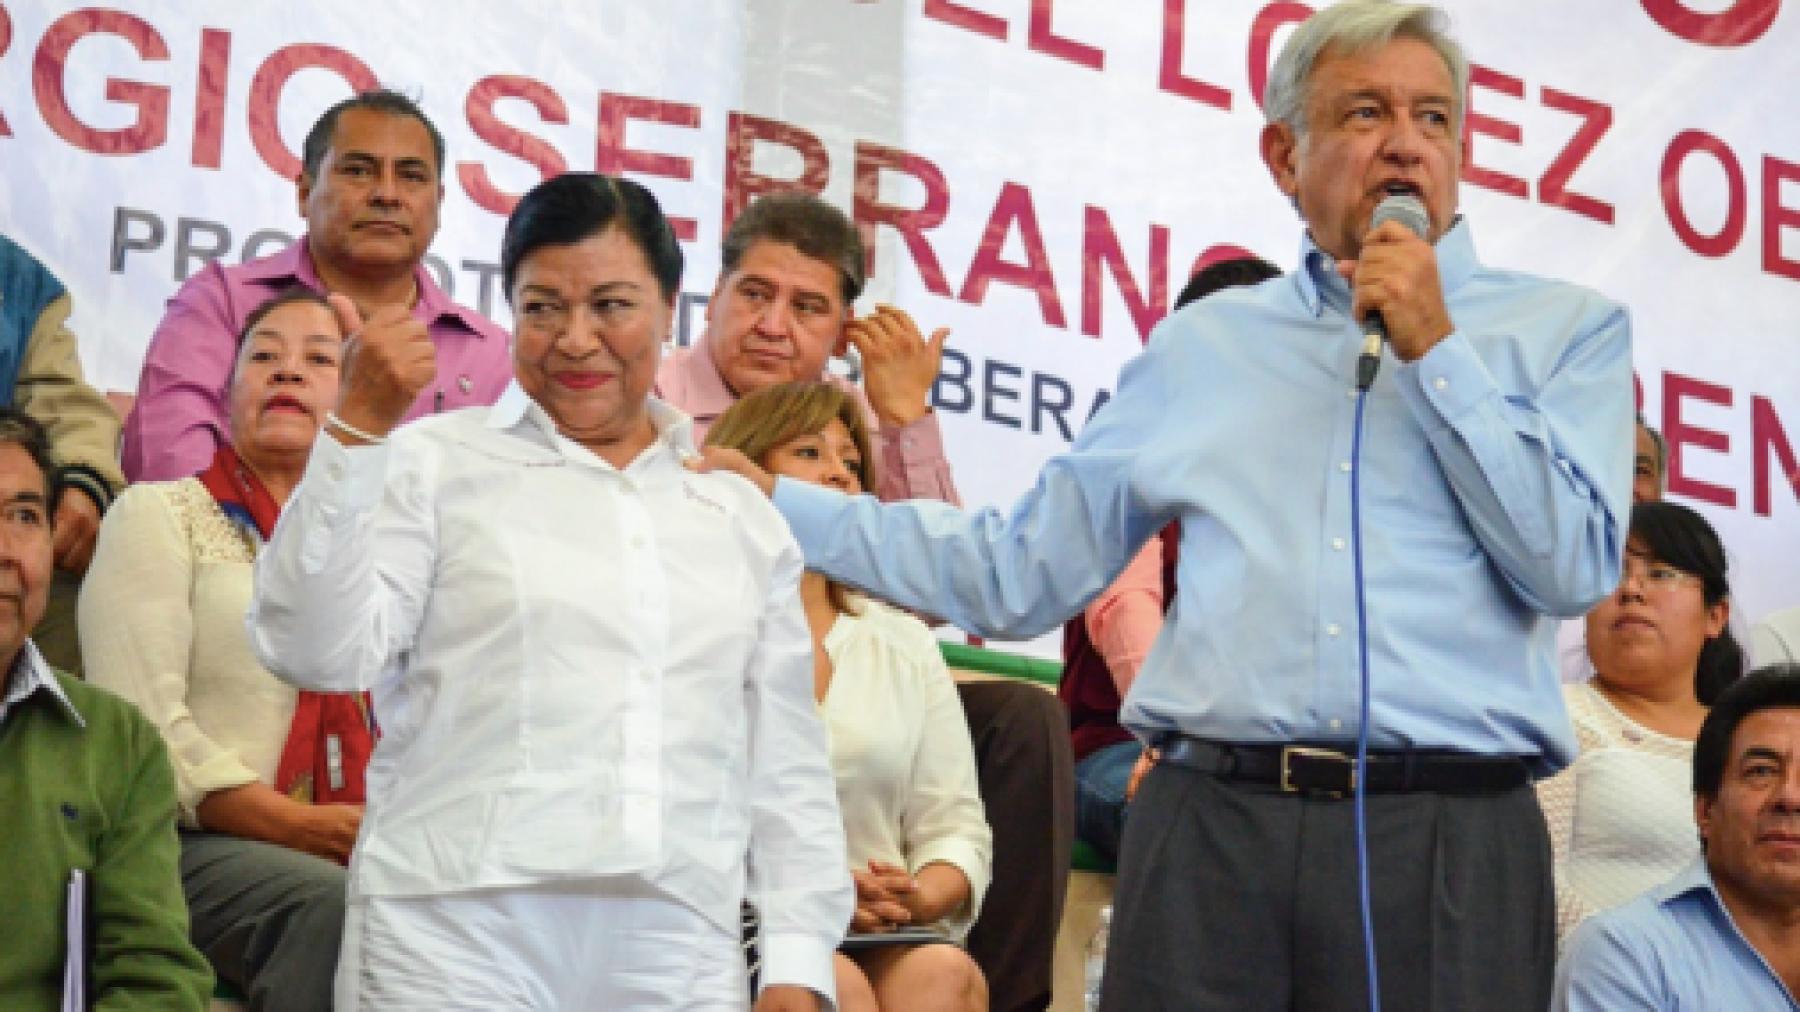 MORENA Martha Palafox Gutiérrez